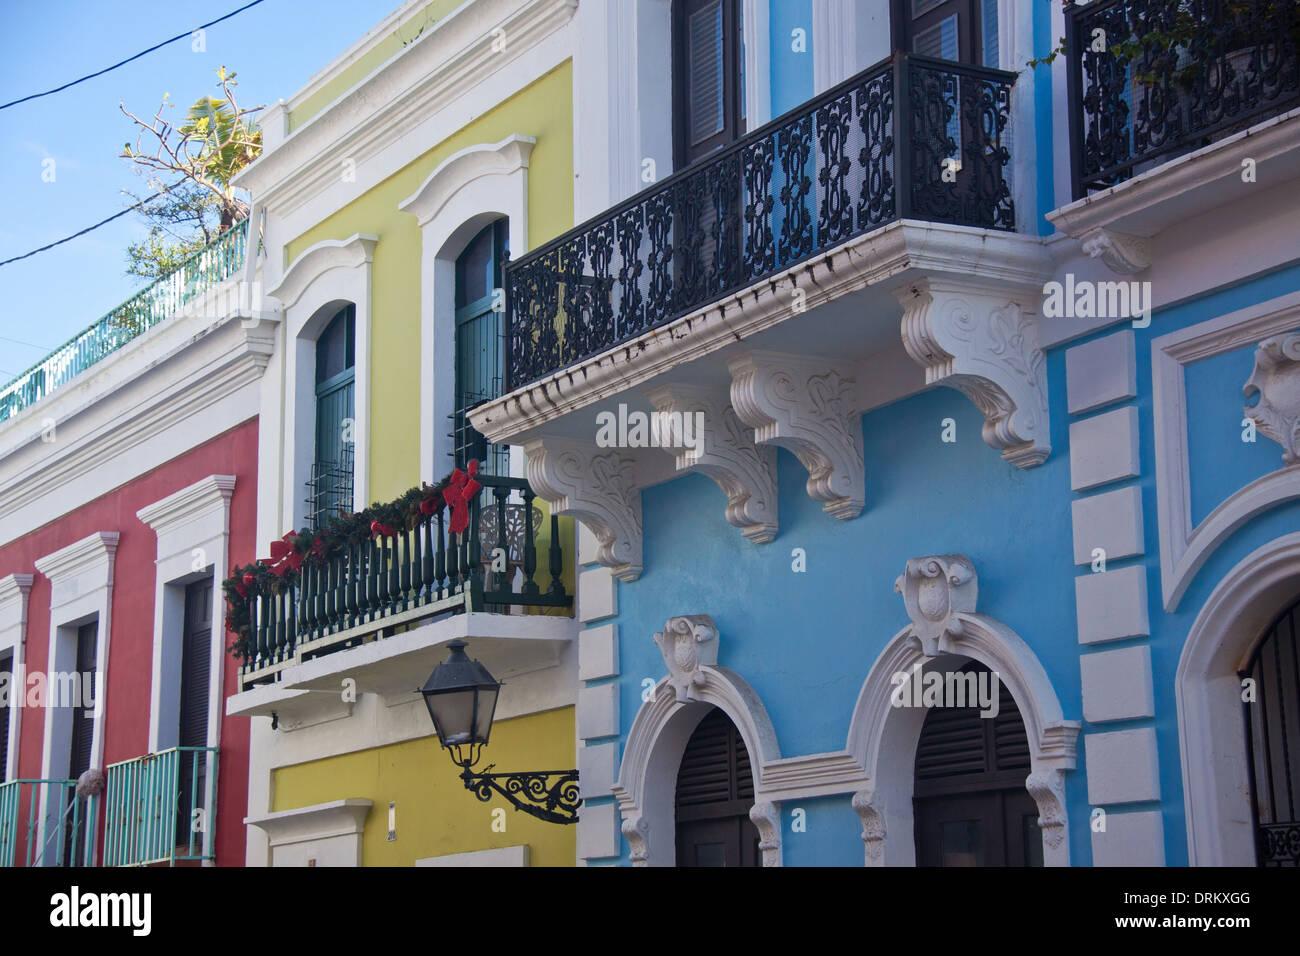 Coloridas Casas Y Balcones Decorados Para La Navidad En El Viejo San